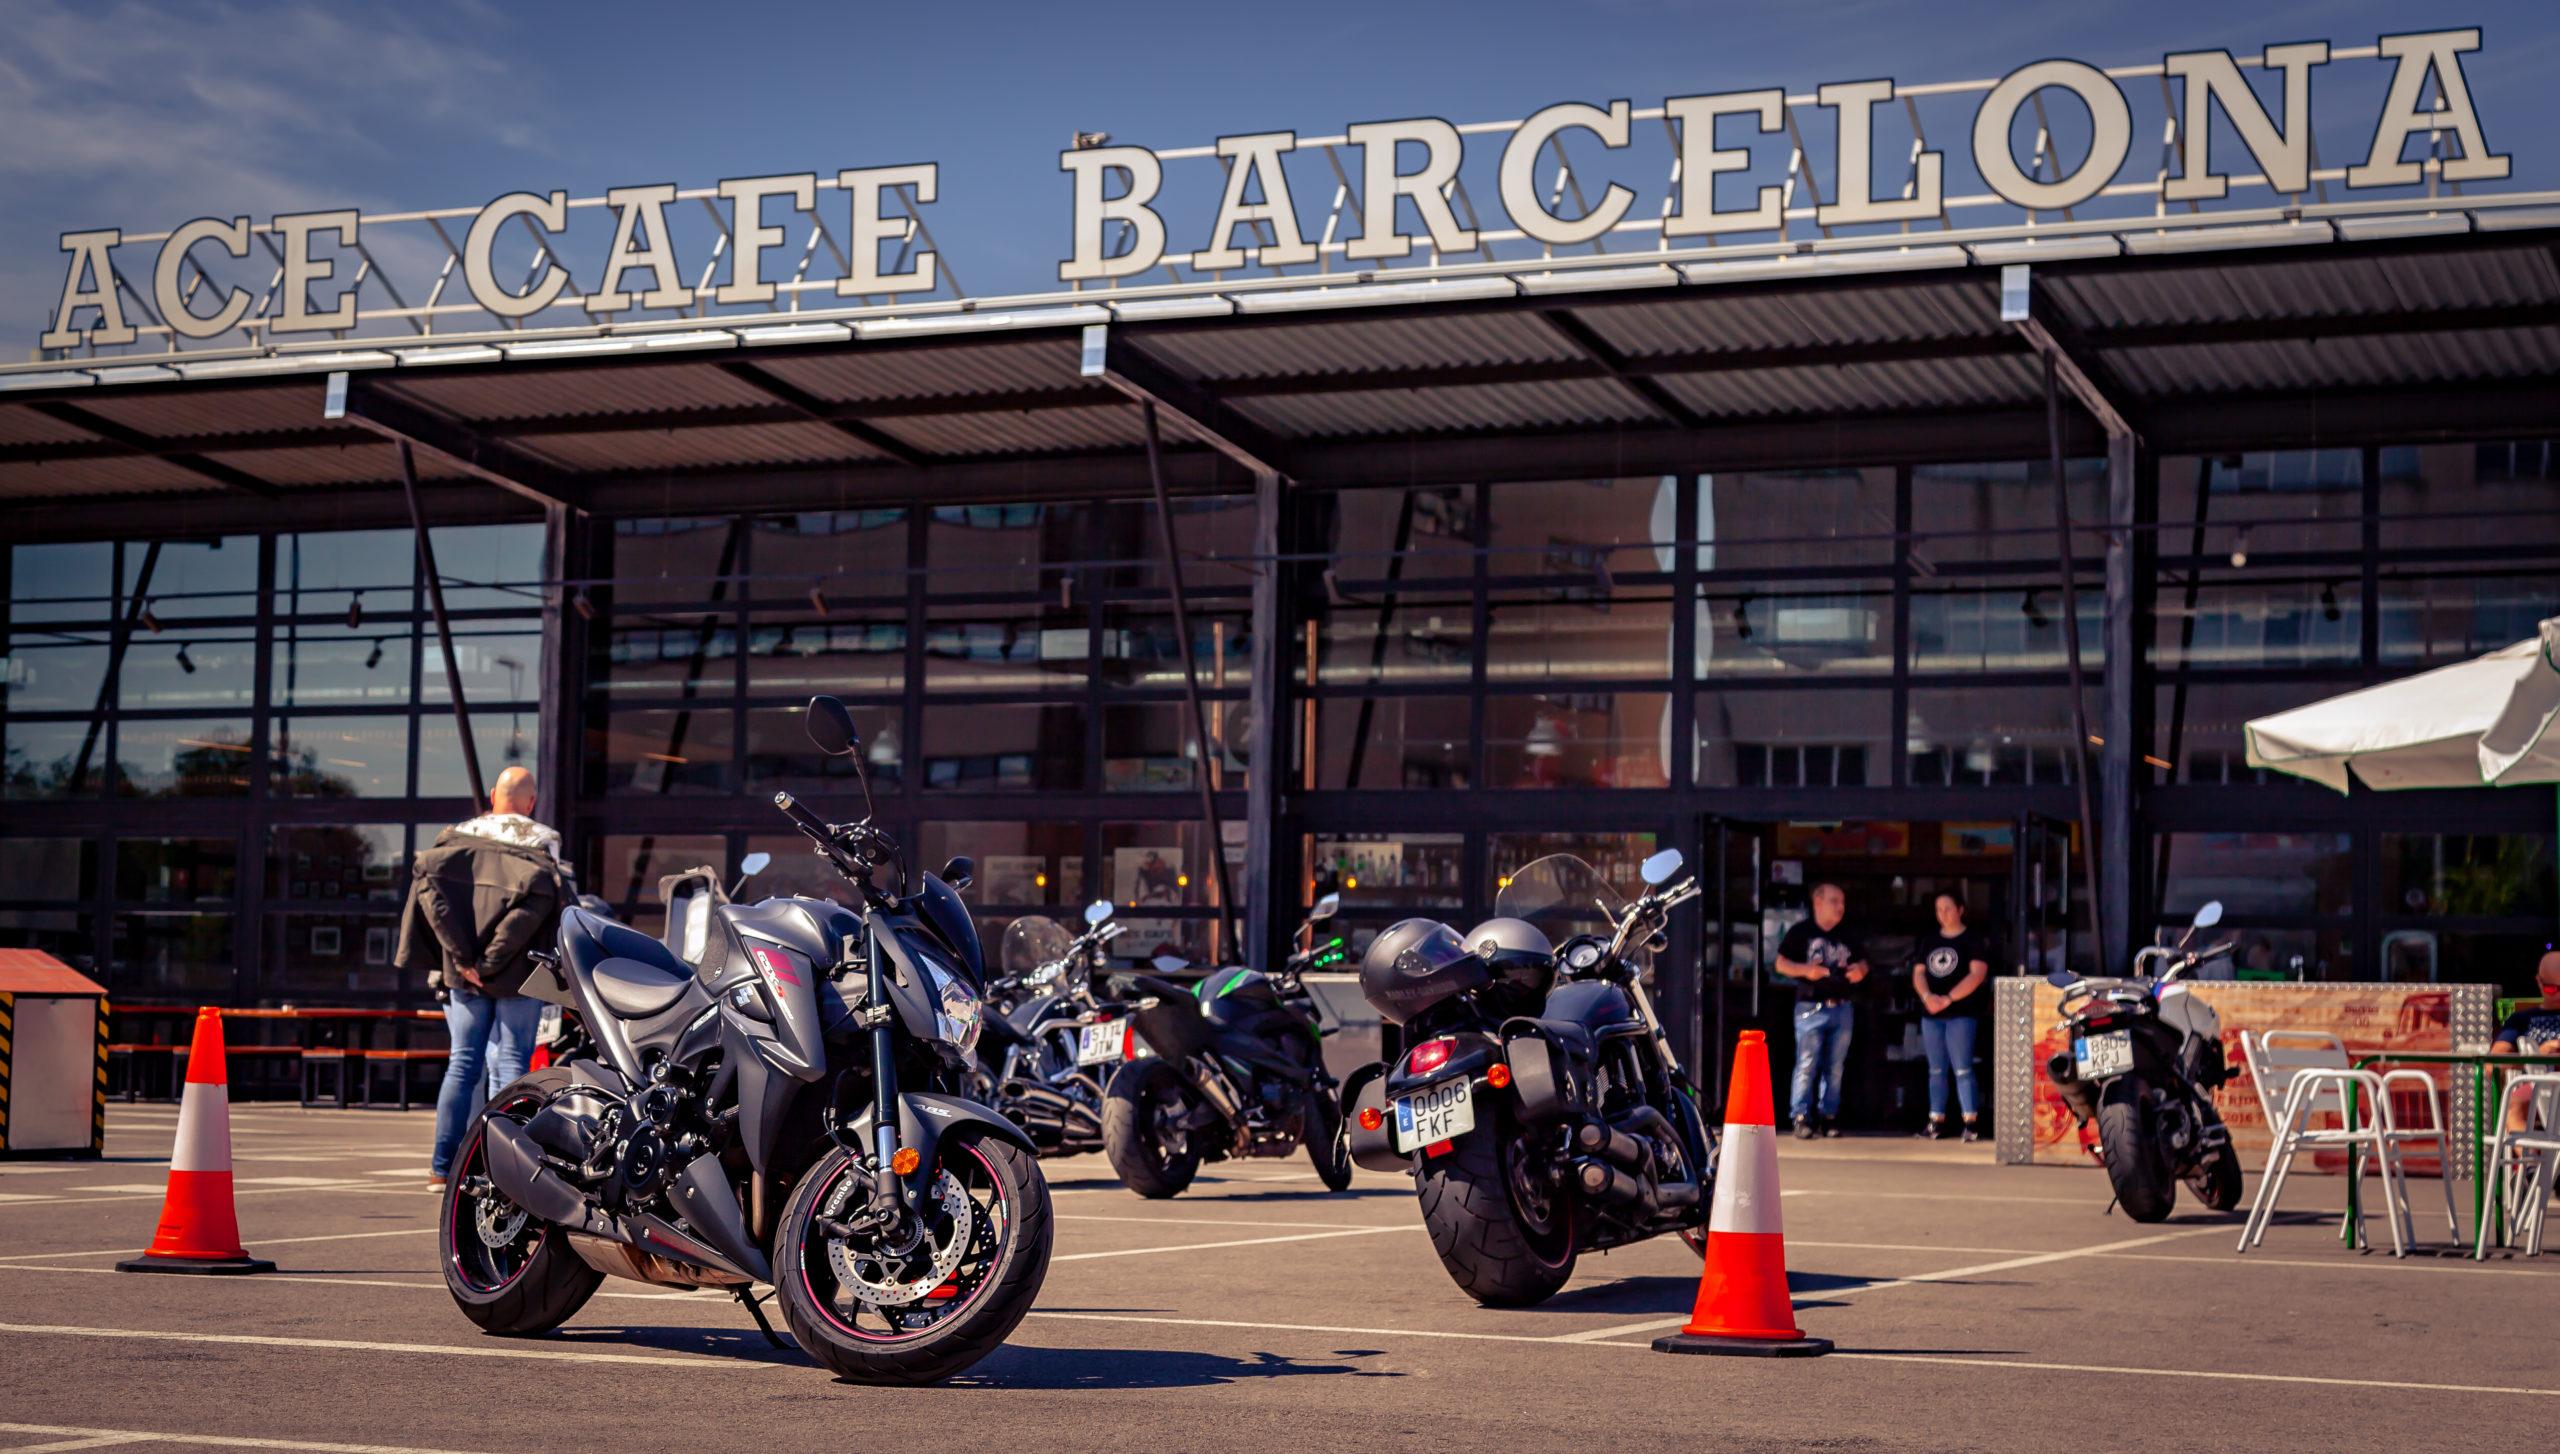 suzuki gsx-s1000 outside ace cade barcelona